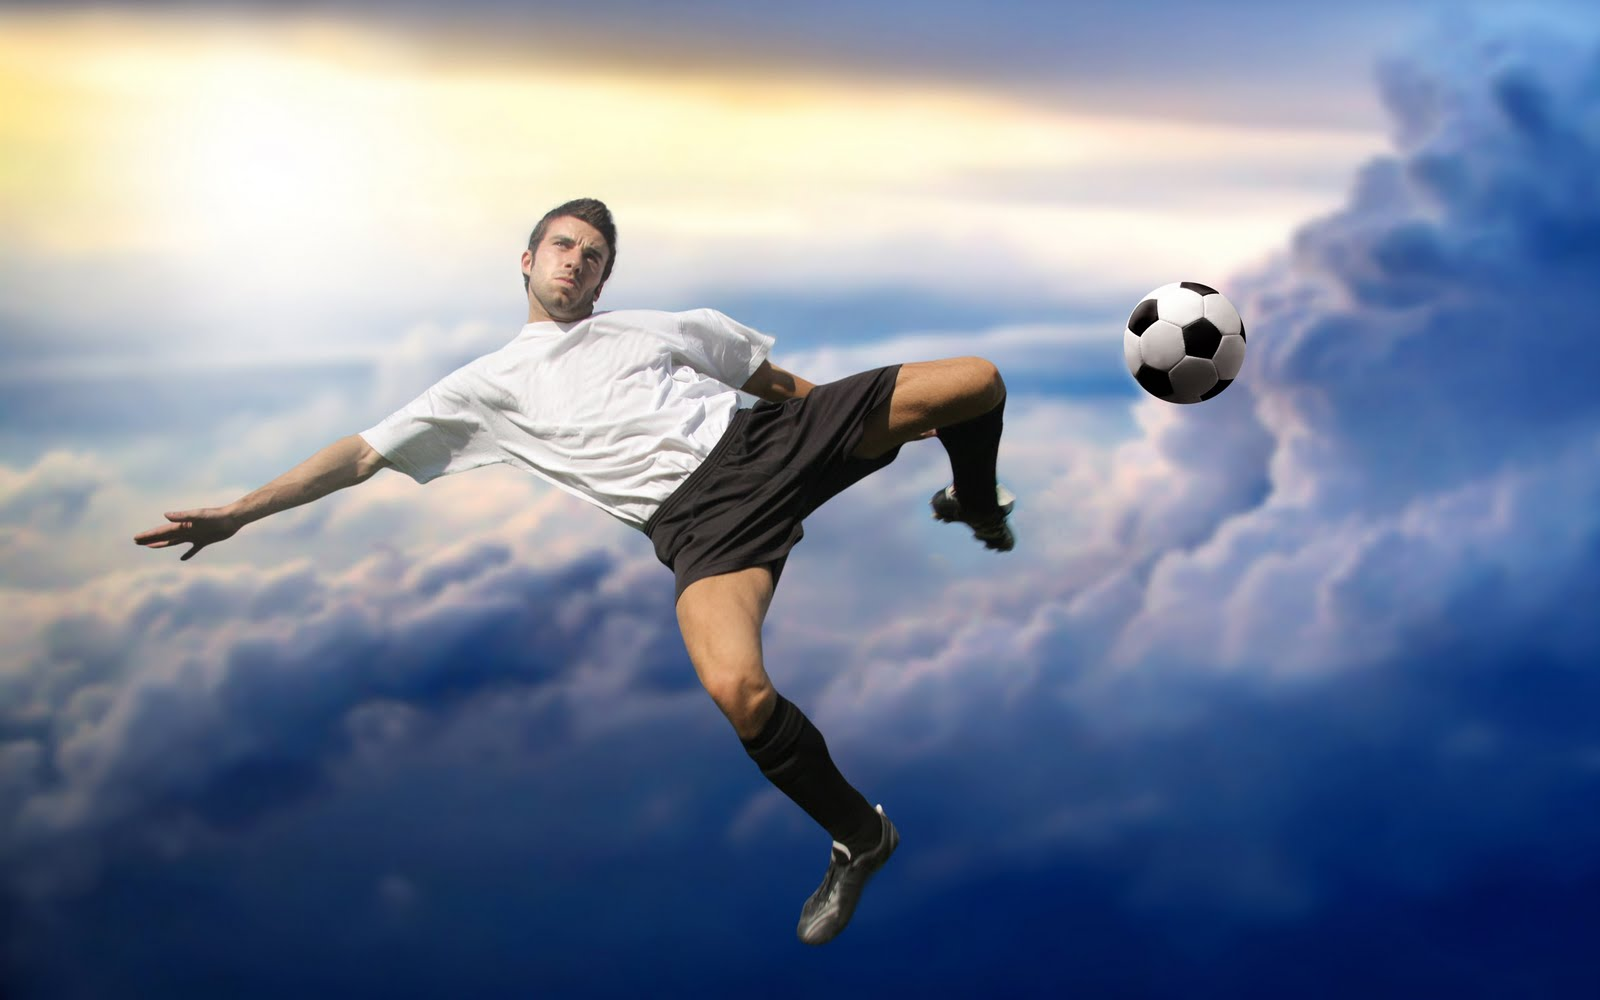 http://3.bp.blogspot.com/_NOdEQKztDvs/TPOGgMr9g3I/AAAAAAAAF58/3Mf40kRDSy8/s1600/football%2Bblogambar.blogspot.com%2B%252813%2529.jpg